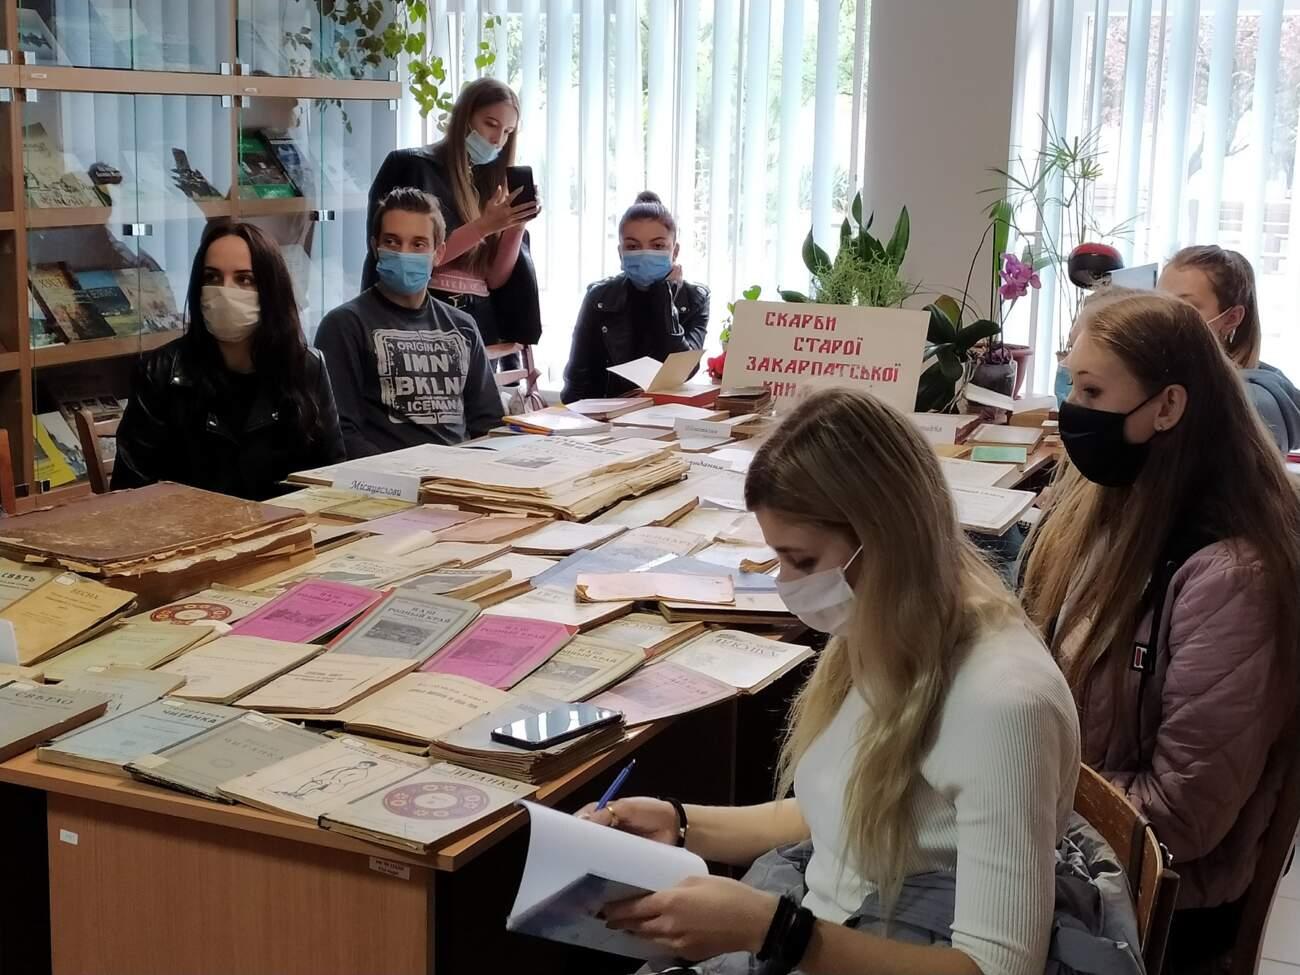 """Студенти-журналісти провели практичне заняття з """"Історії закарпатської журналістики"""" в бібліотеці УжНУ"""